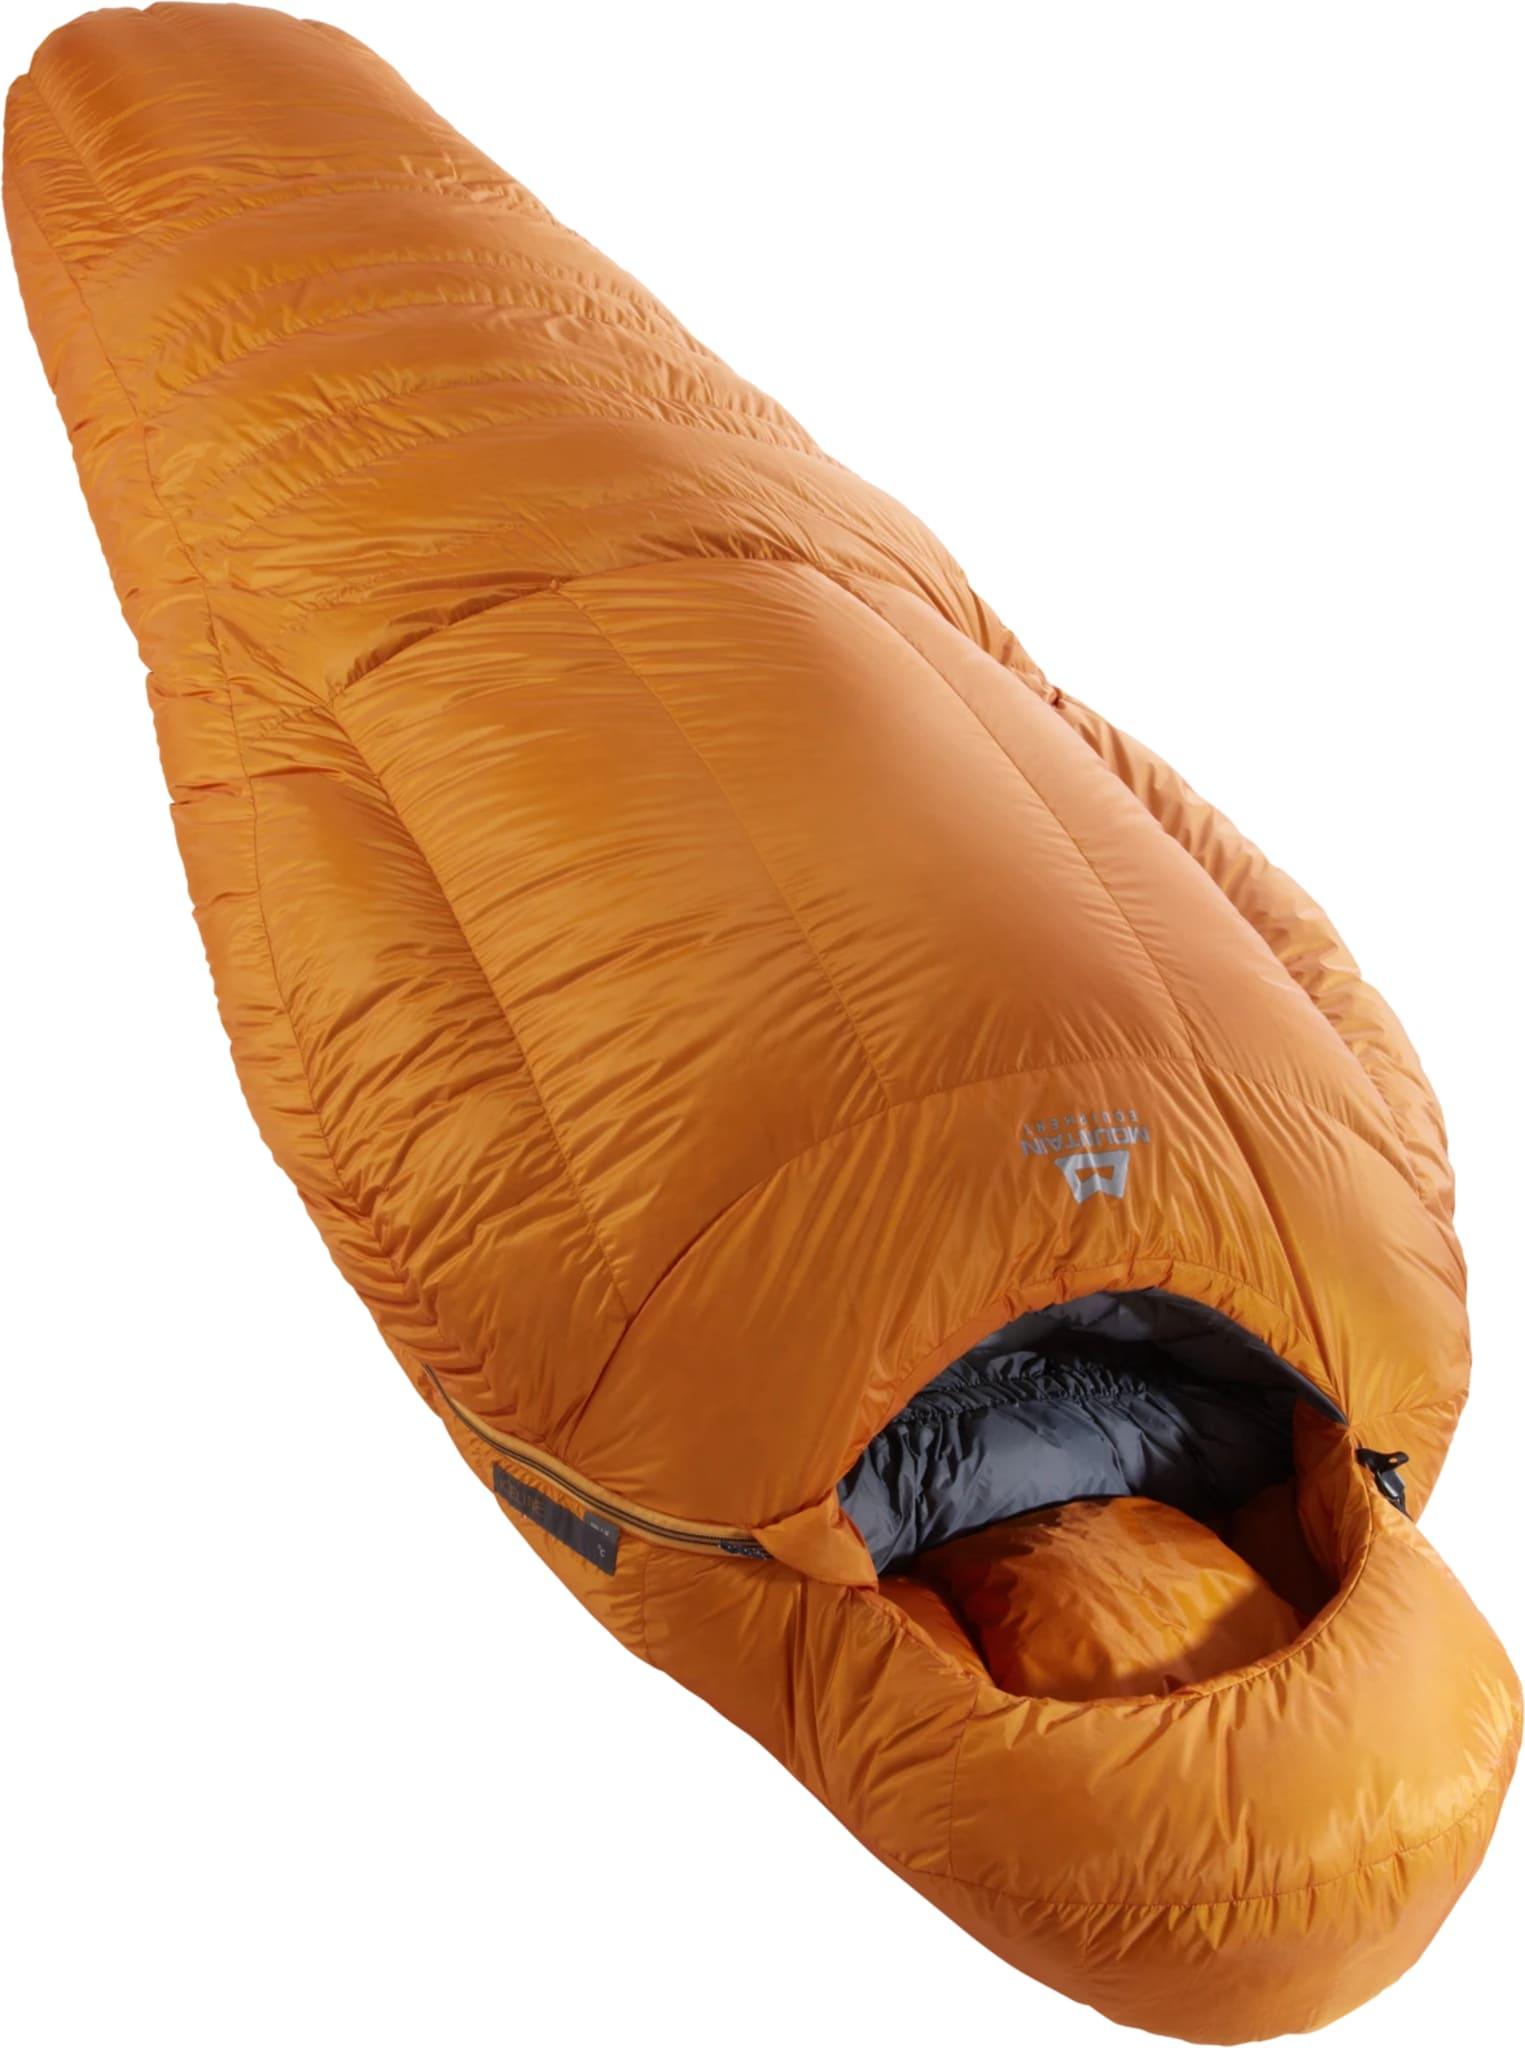 Lett men supervarm soveposer til ekspedisjoner i høyden